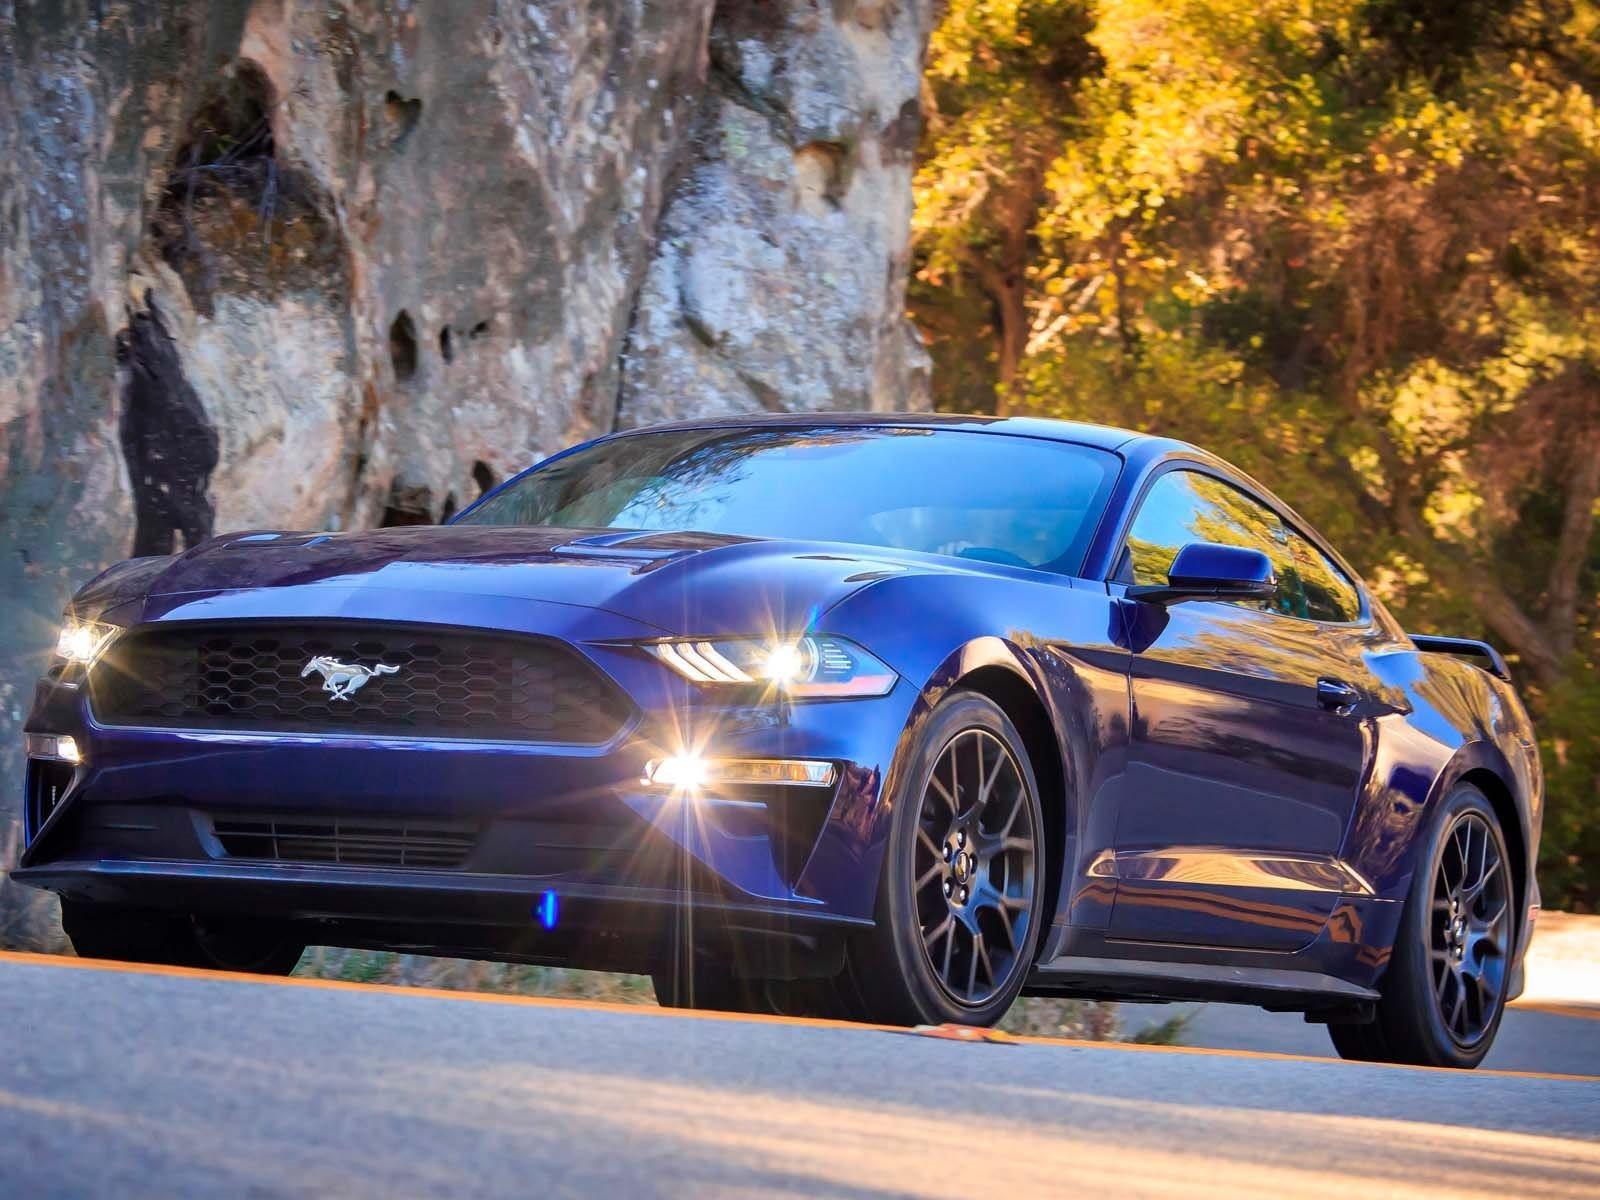 «Голубой овал» доставил 125 809 Мустангов новым хозяевам, разбросанным по 146 различным странам. Фактически, согласно данным регистрации мирового легкого транспортного средства IHS Markit, в 2017 году более трети продаж Mustang приходилось на экспорт